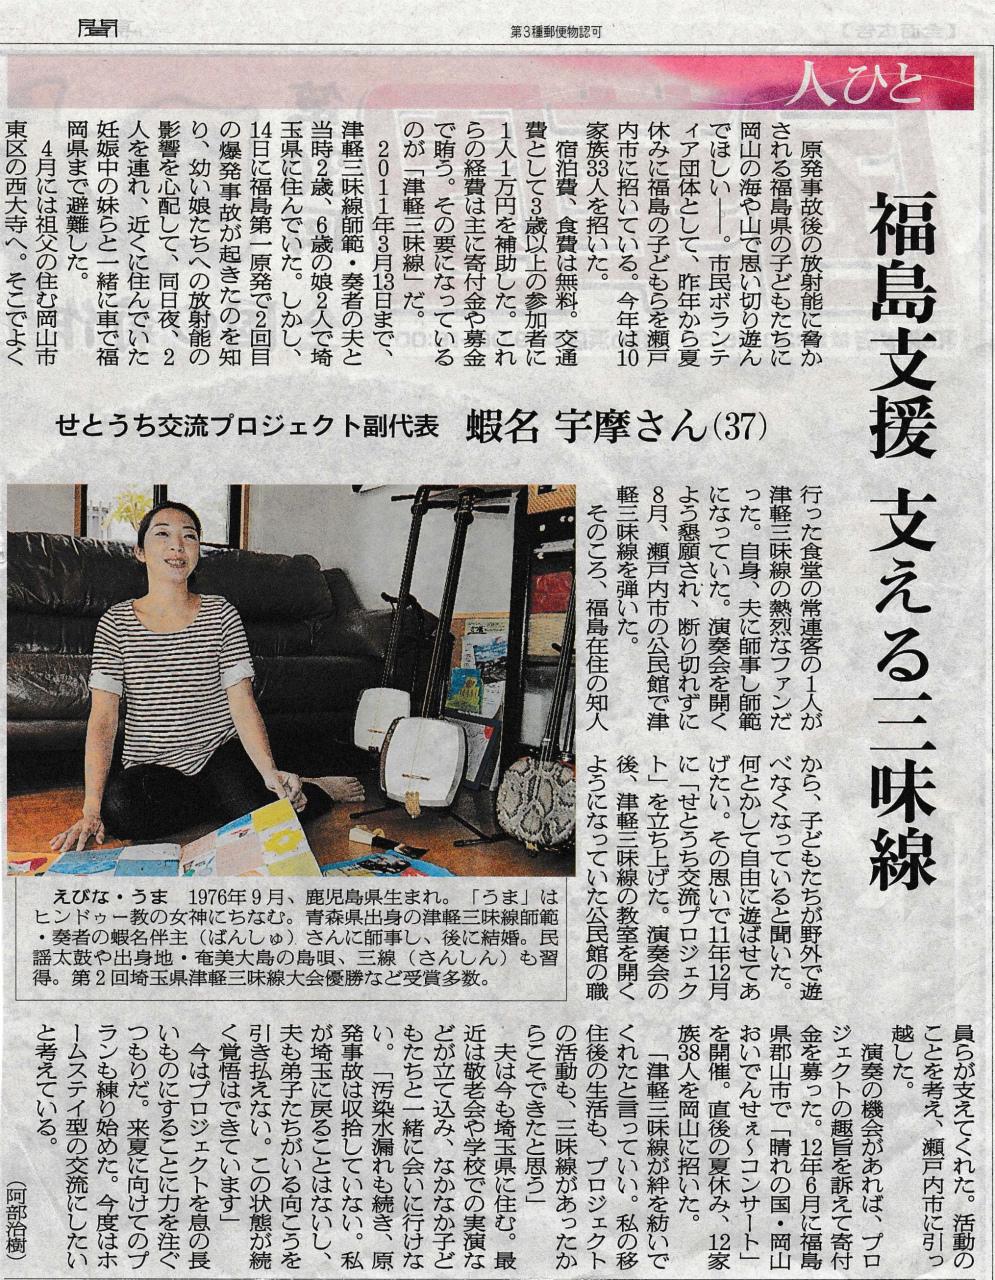 2013.9.27.朝日新聞